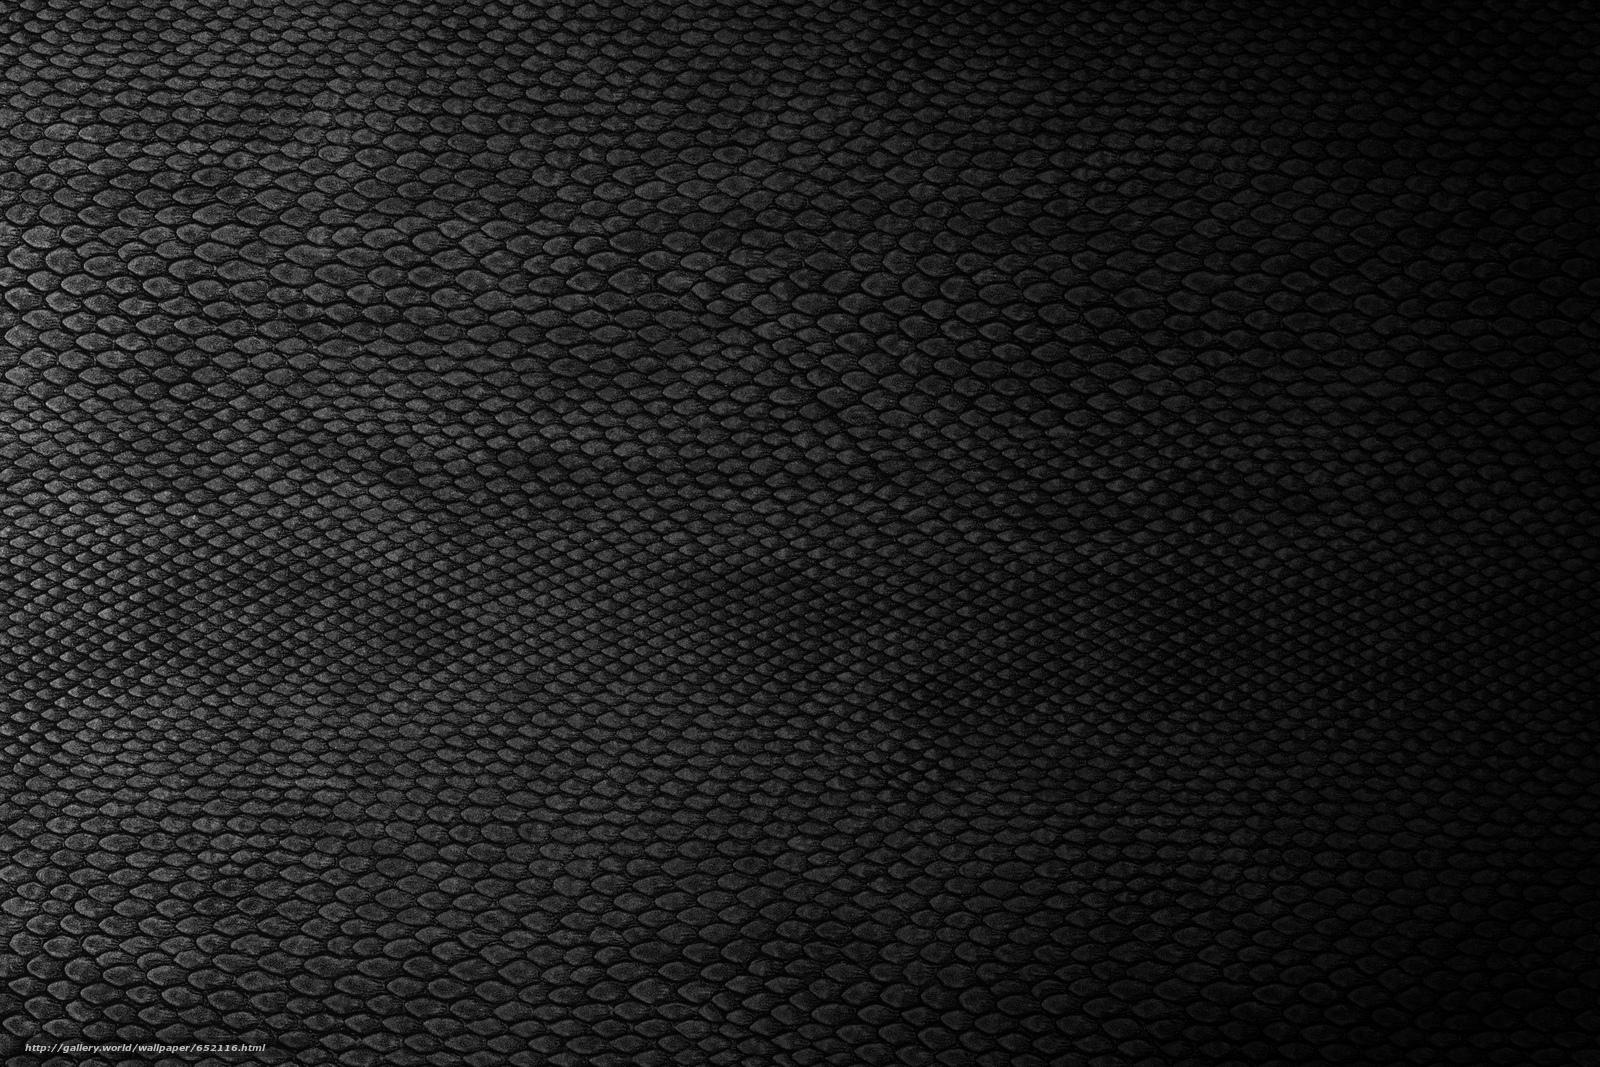 壁紙をダウンロード TEXTURE,  テクスチャー,  肌,  背景 デスクトップの解像度のための無料壁紙 5184x3456 — 絵 №652116